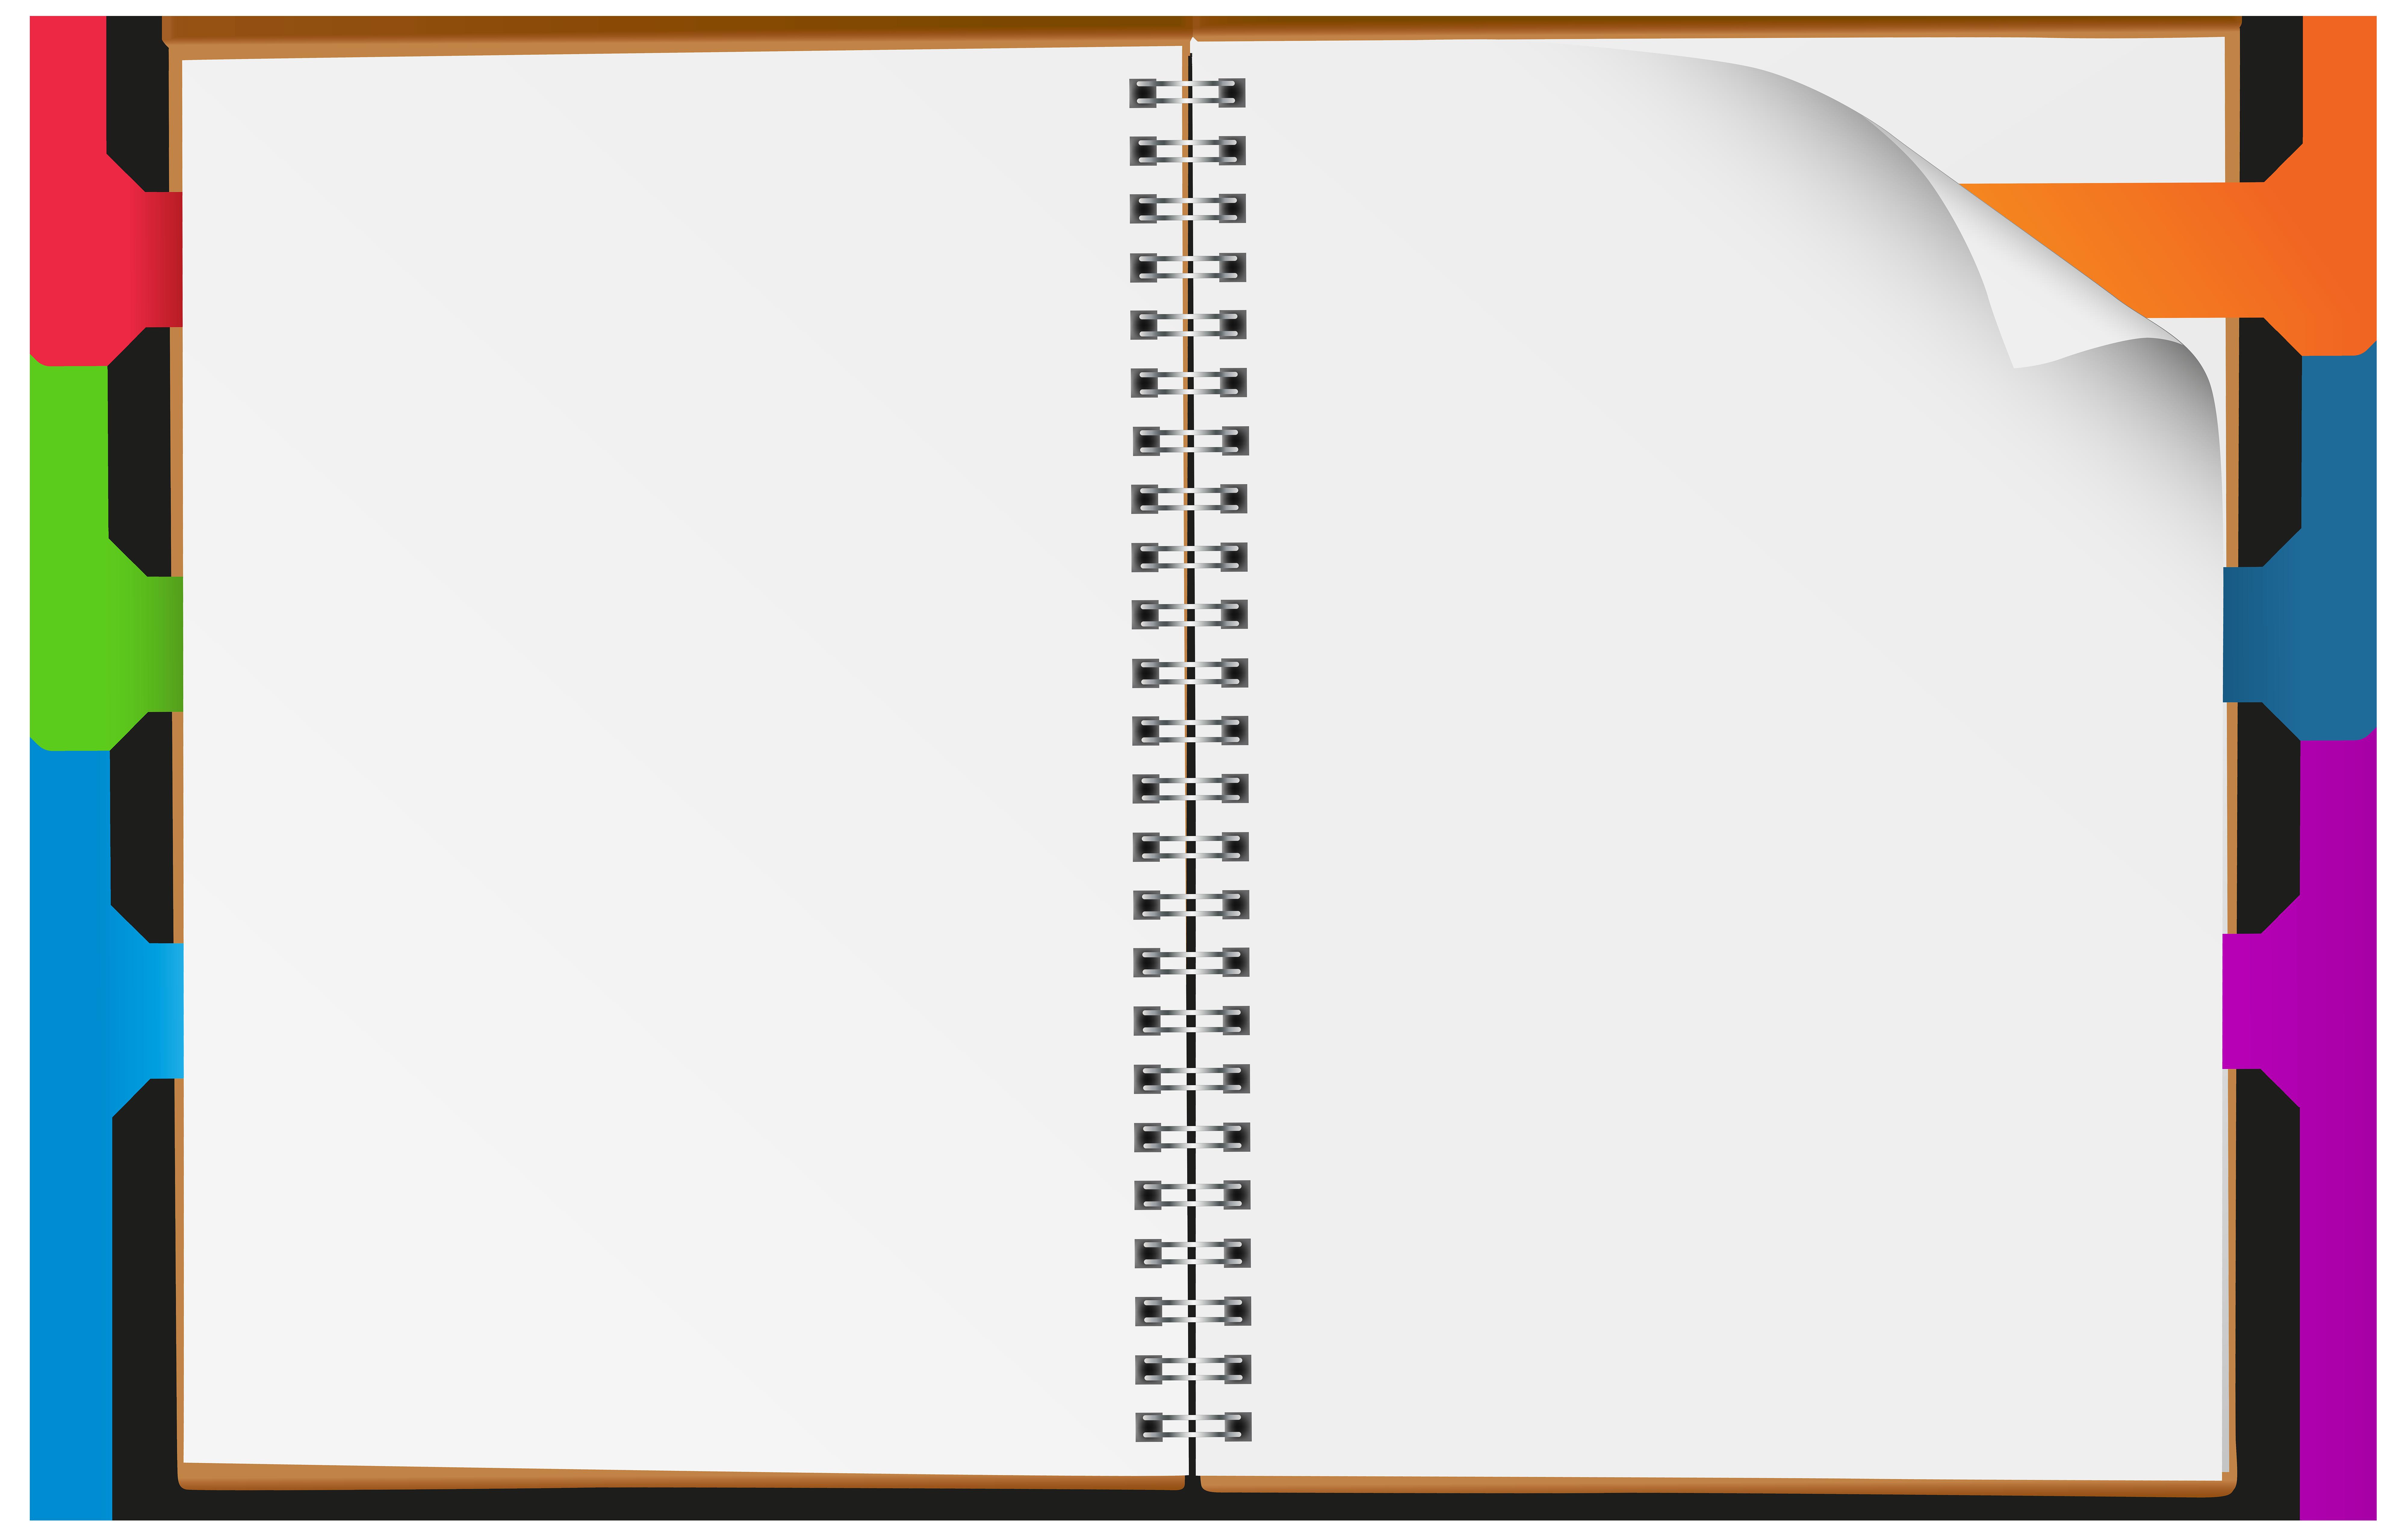 Notebook clipart. Open png clip art